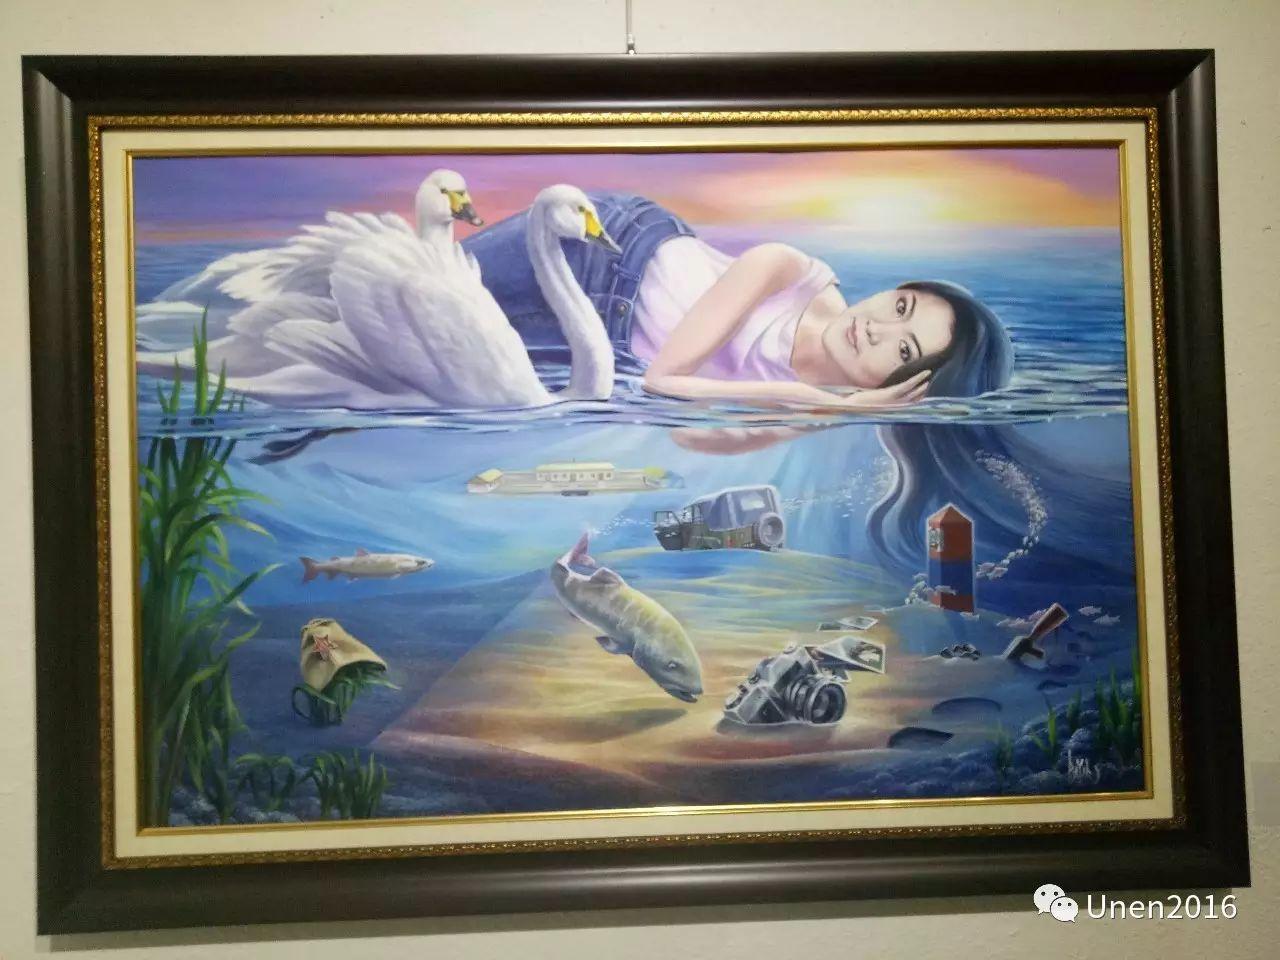 【Unen】美术:蒙古国青年画家巴雅尔的油画作品 第9张